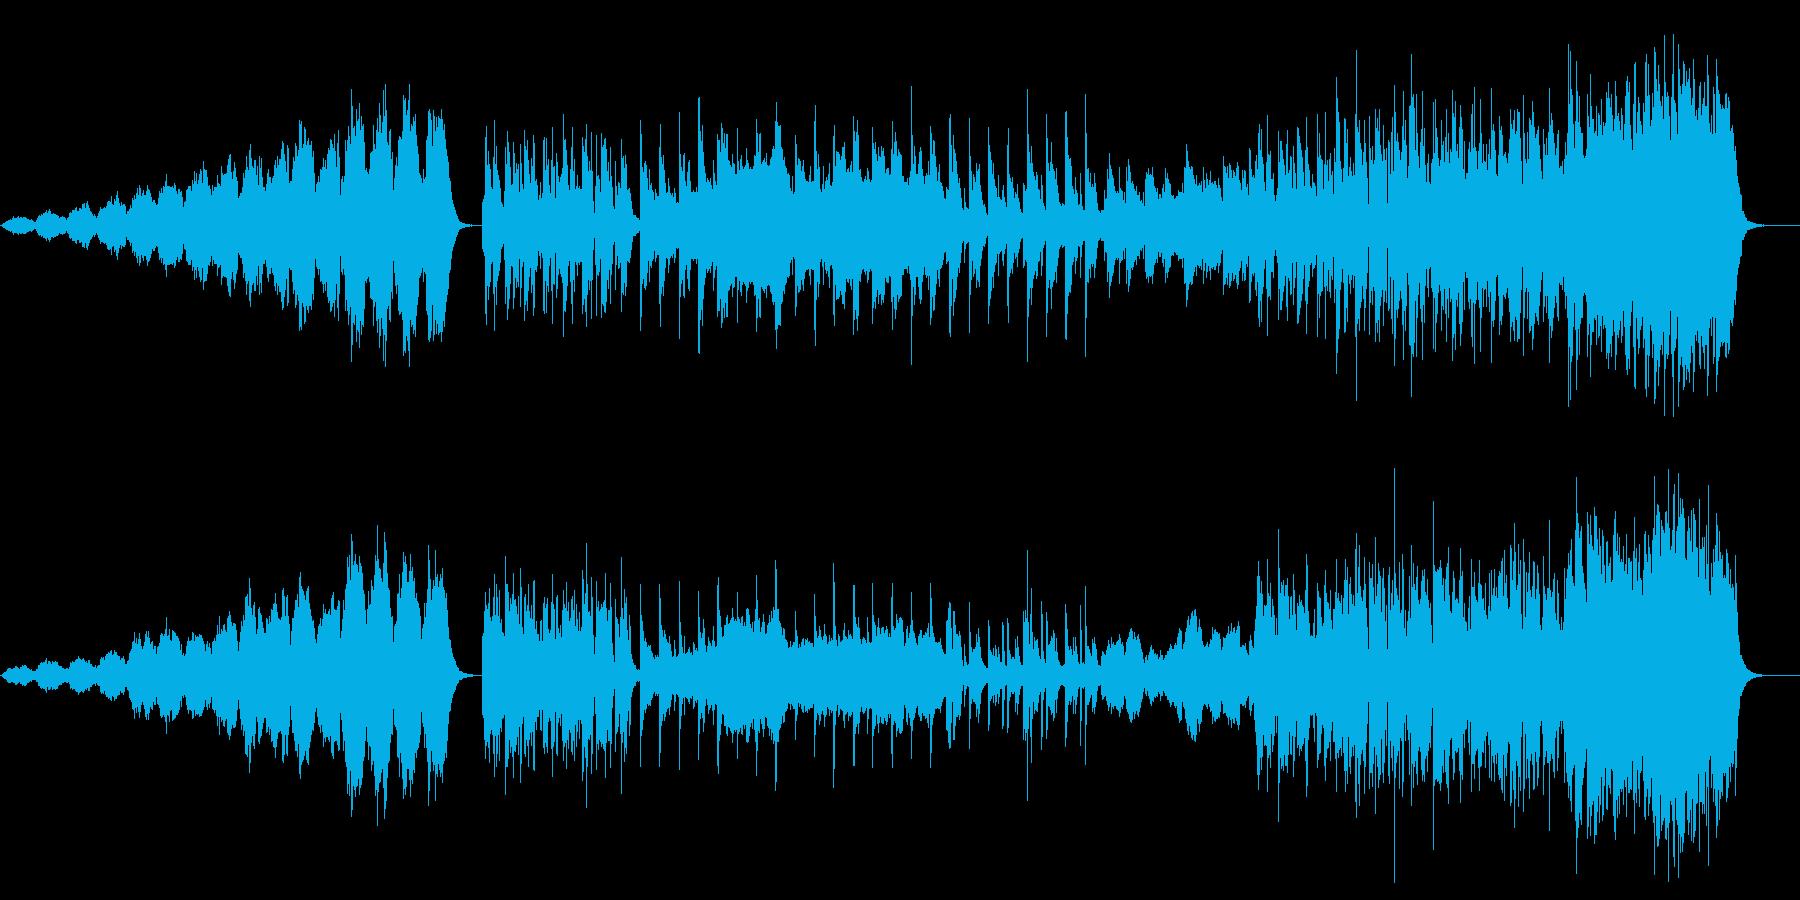 しっとり 感動 もの悲しい切ない BGMの再生済みの波形